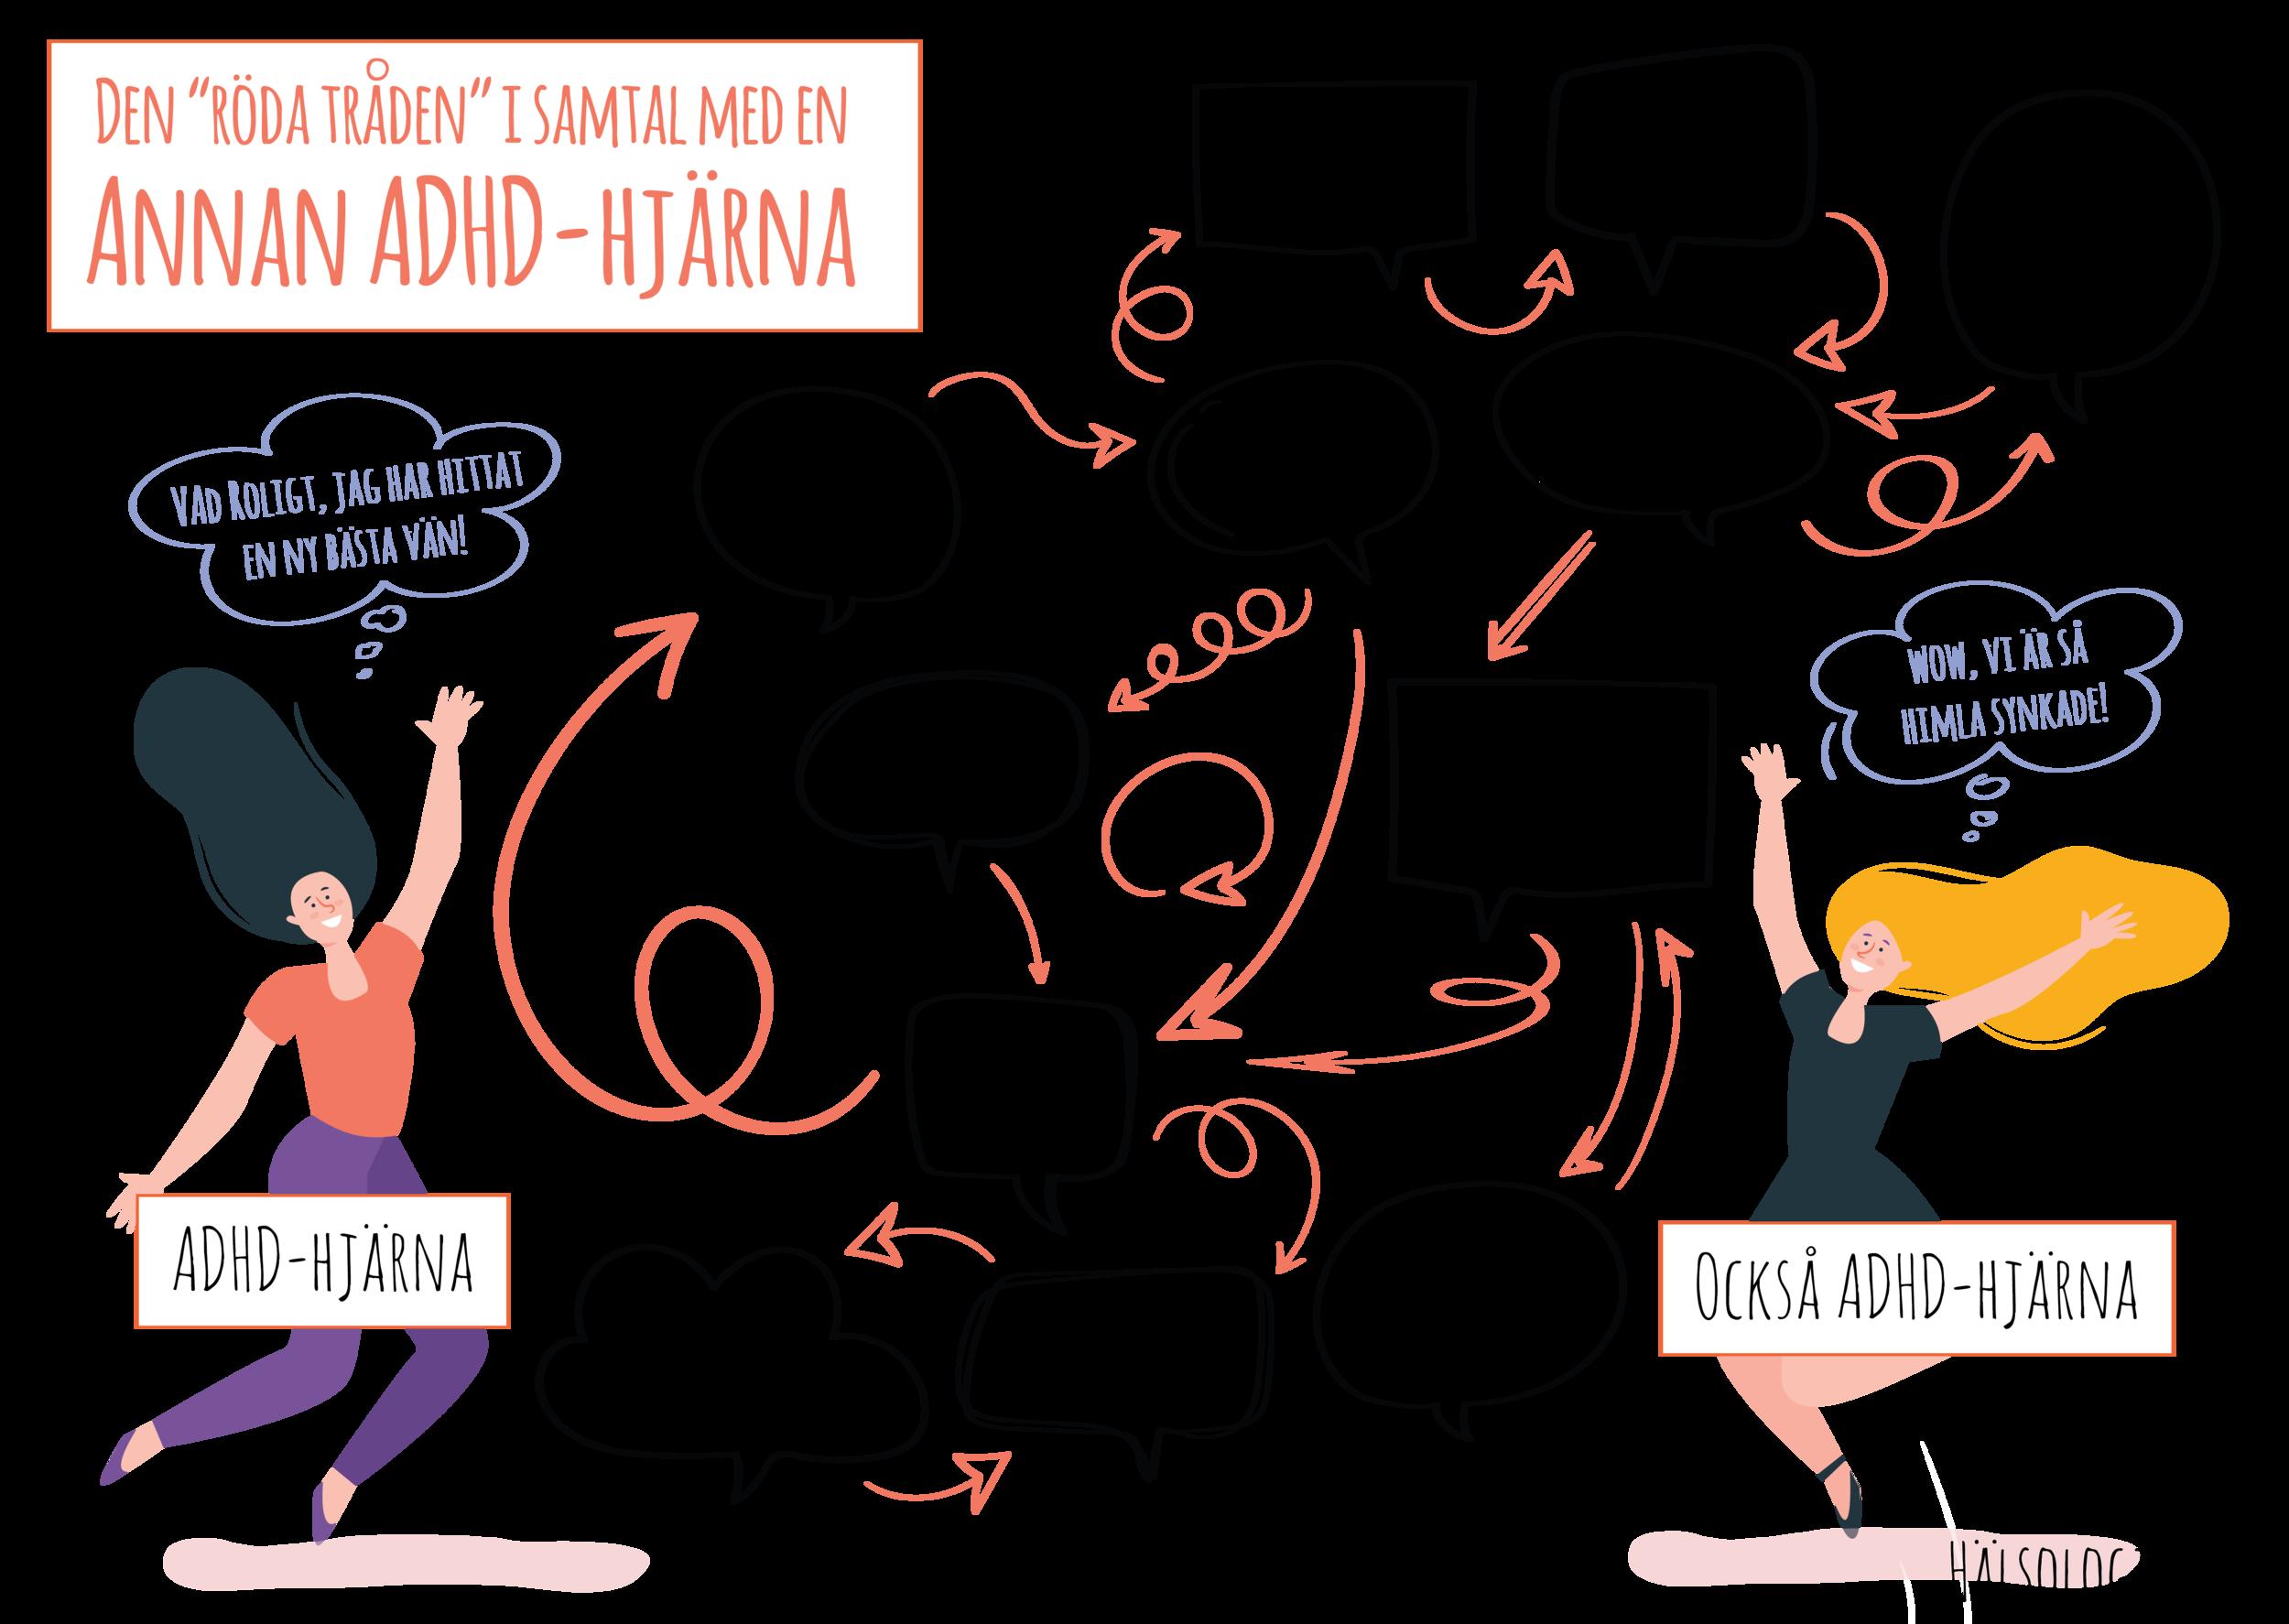 Röda tråden ADHD-hjärna.png